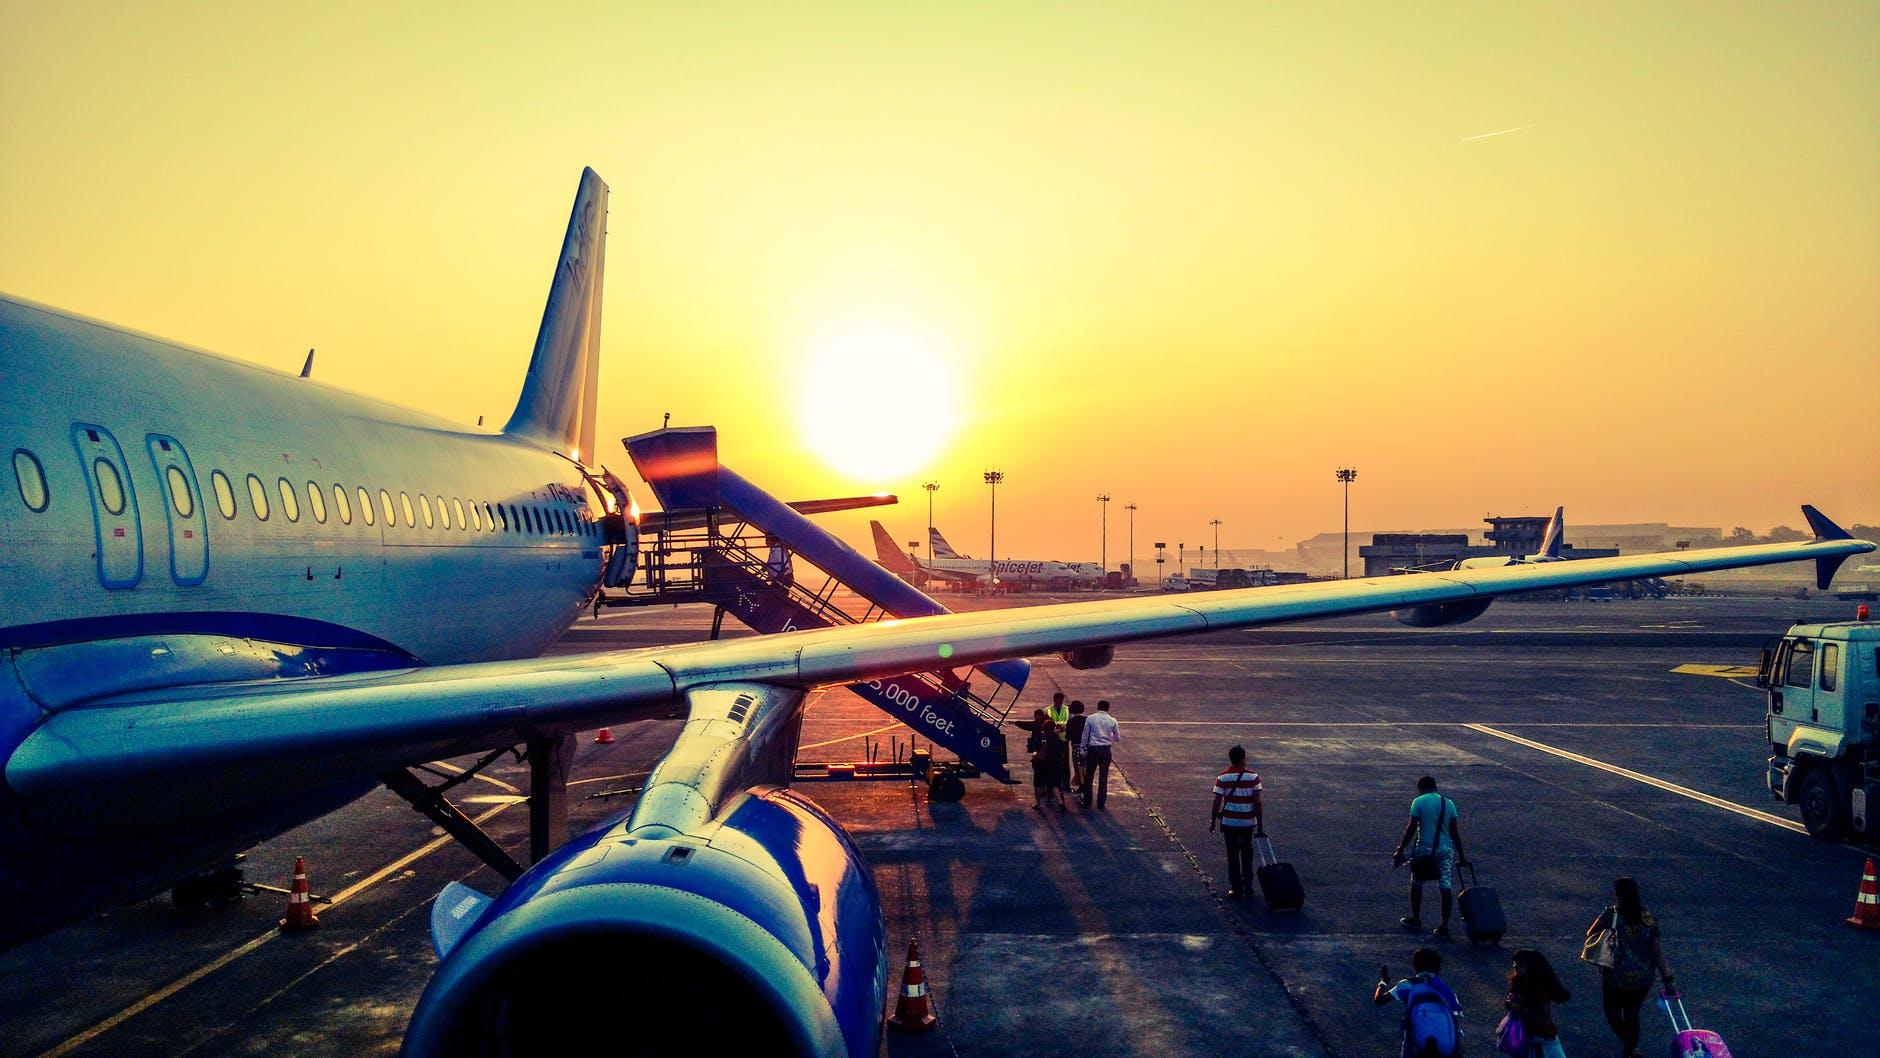 Национальный авиаперевозчик Египта впервые запустит рейсы в Израиль